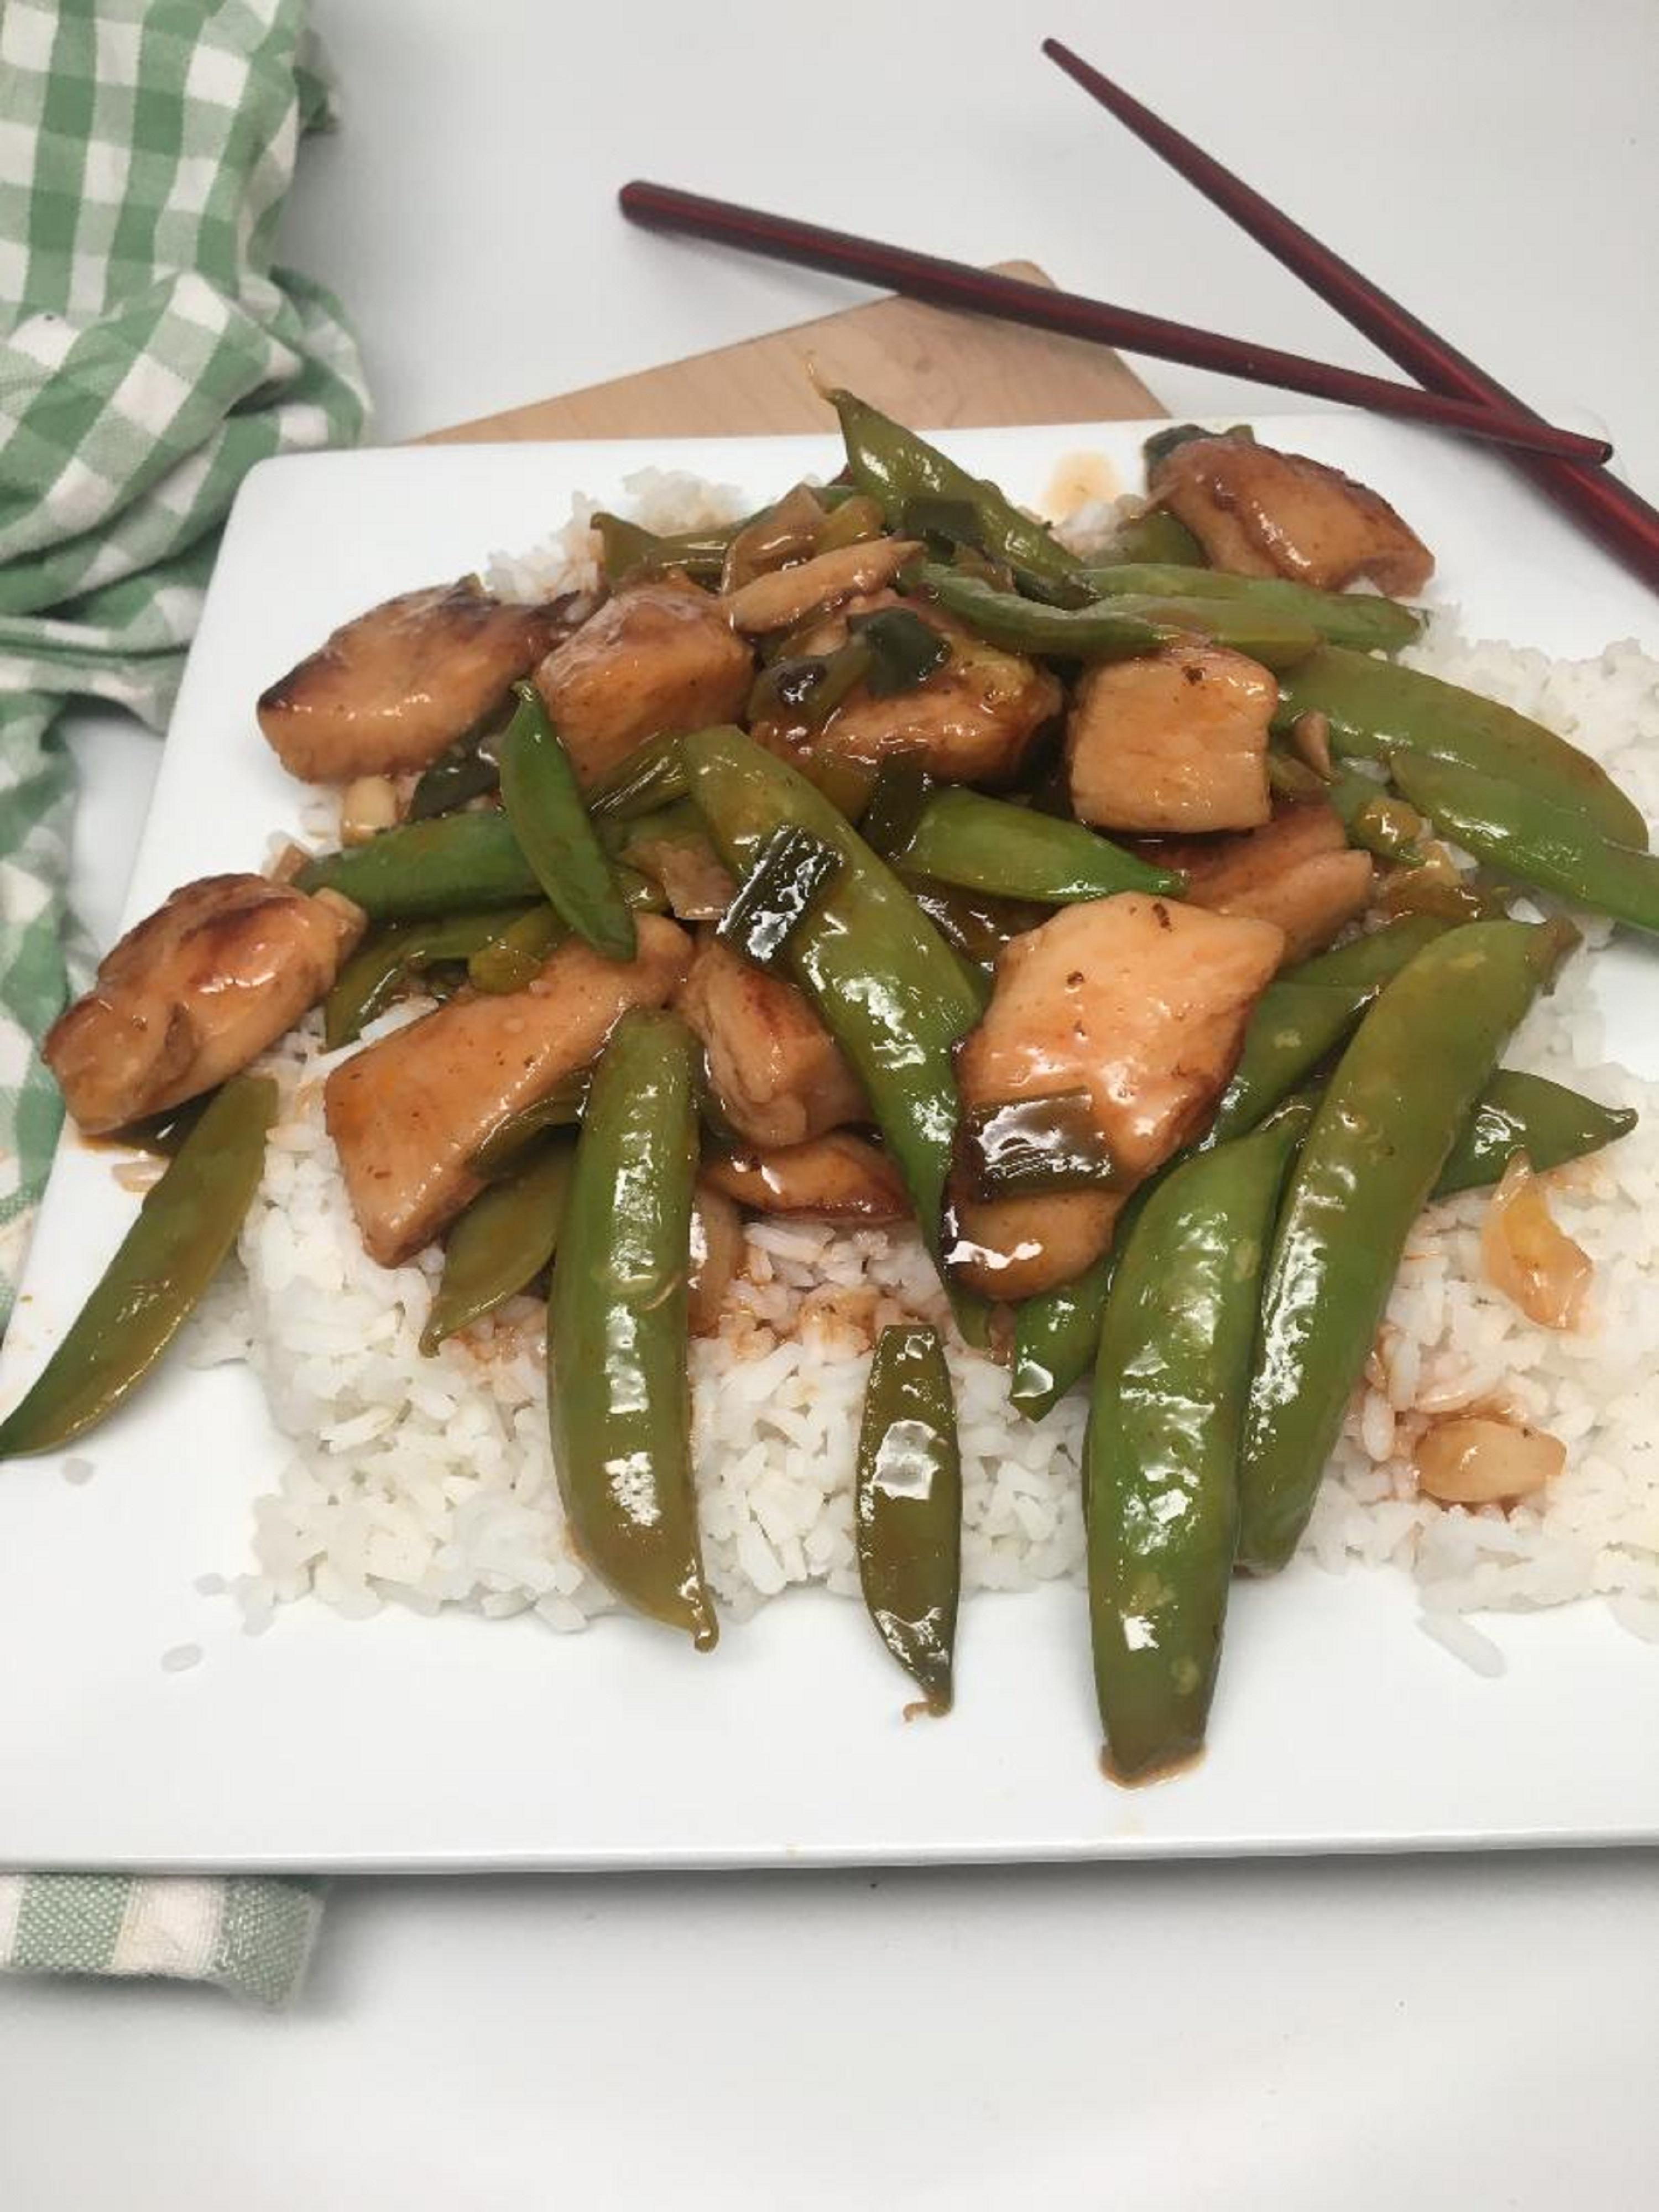 Spicy Sriracha Chicken Stir-Fry